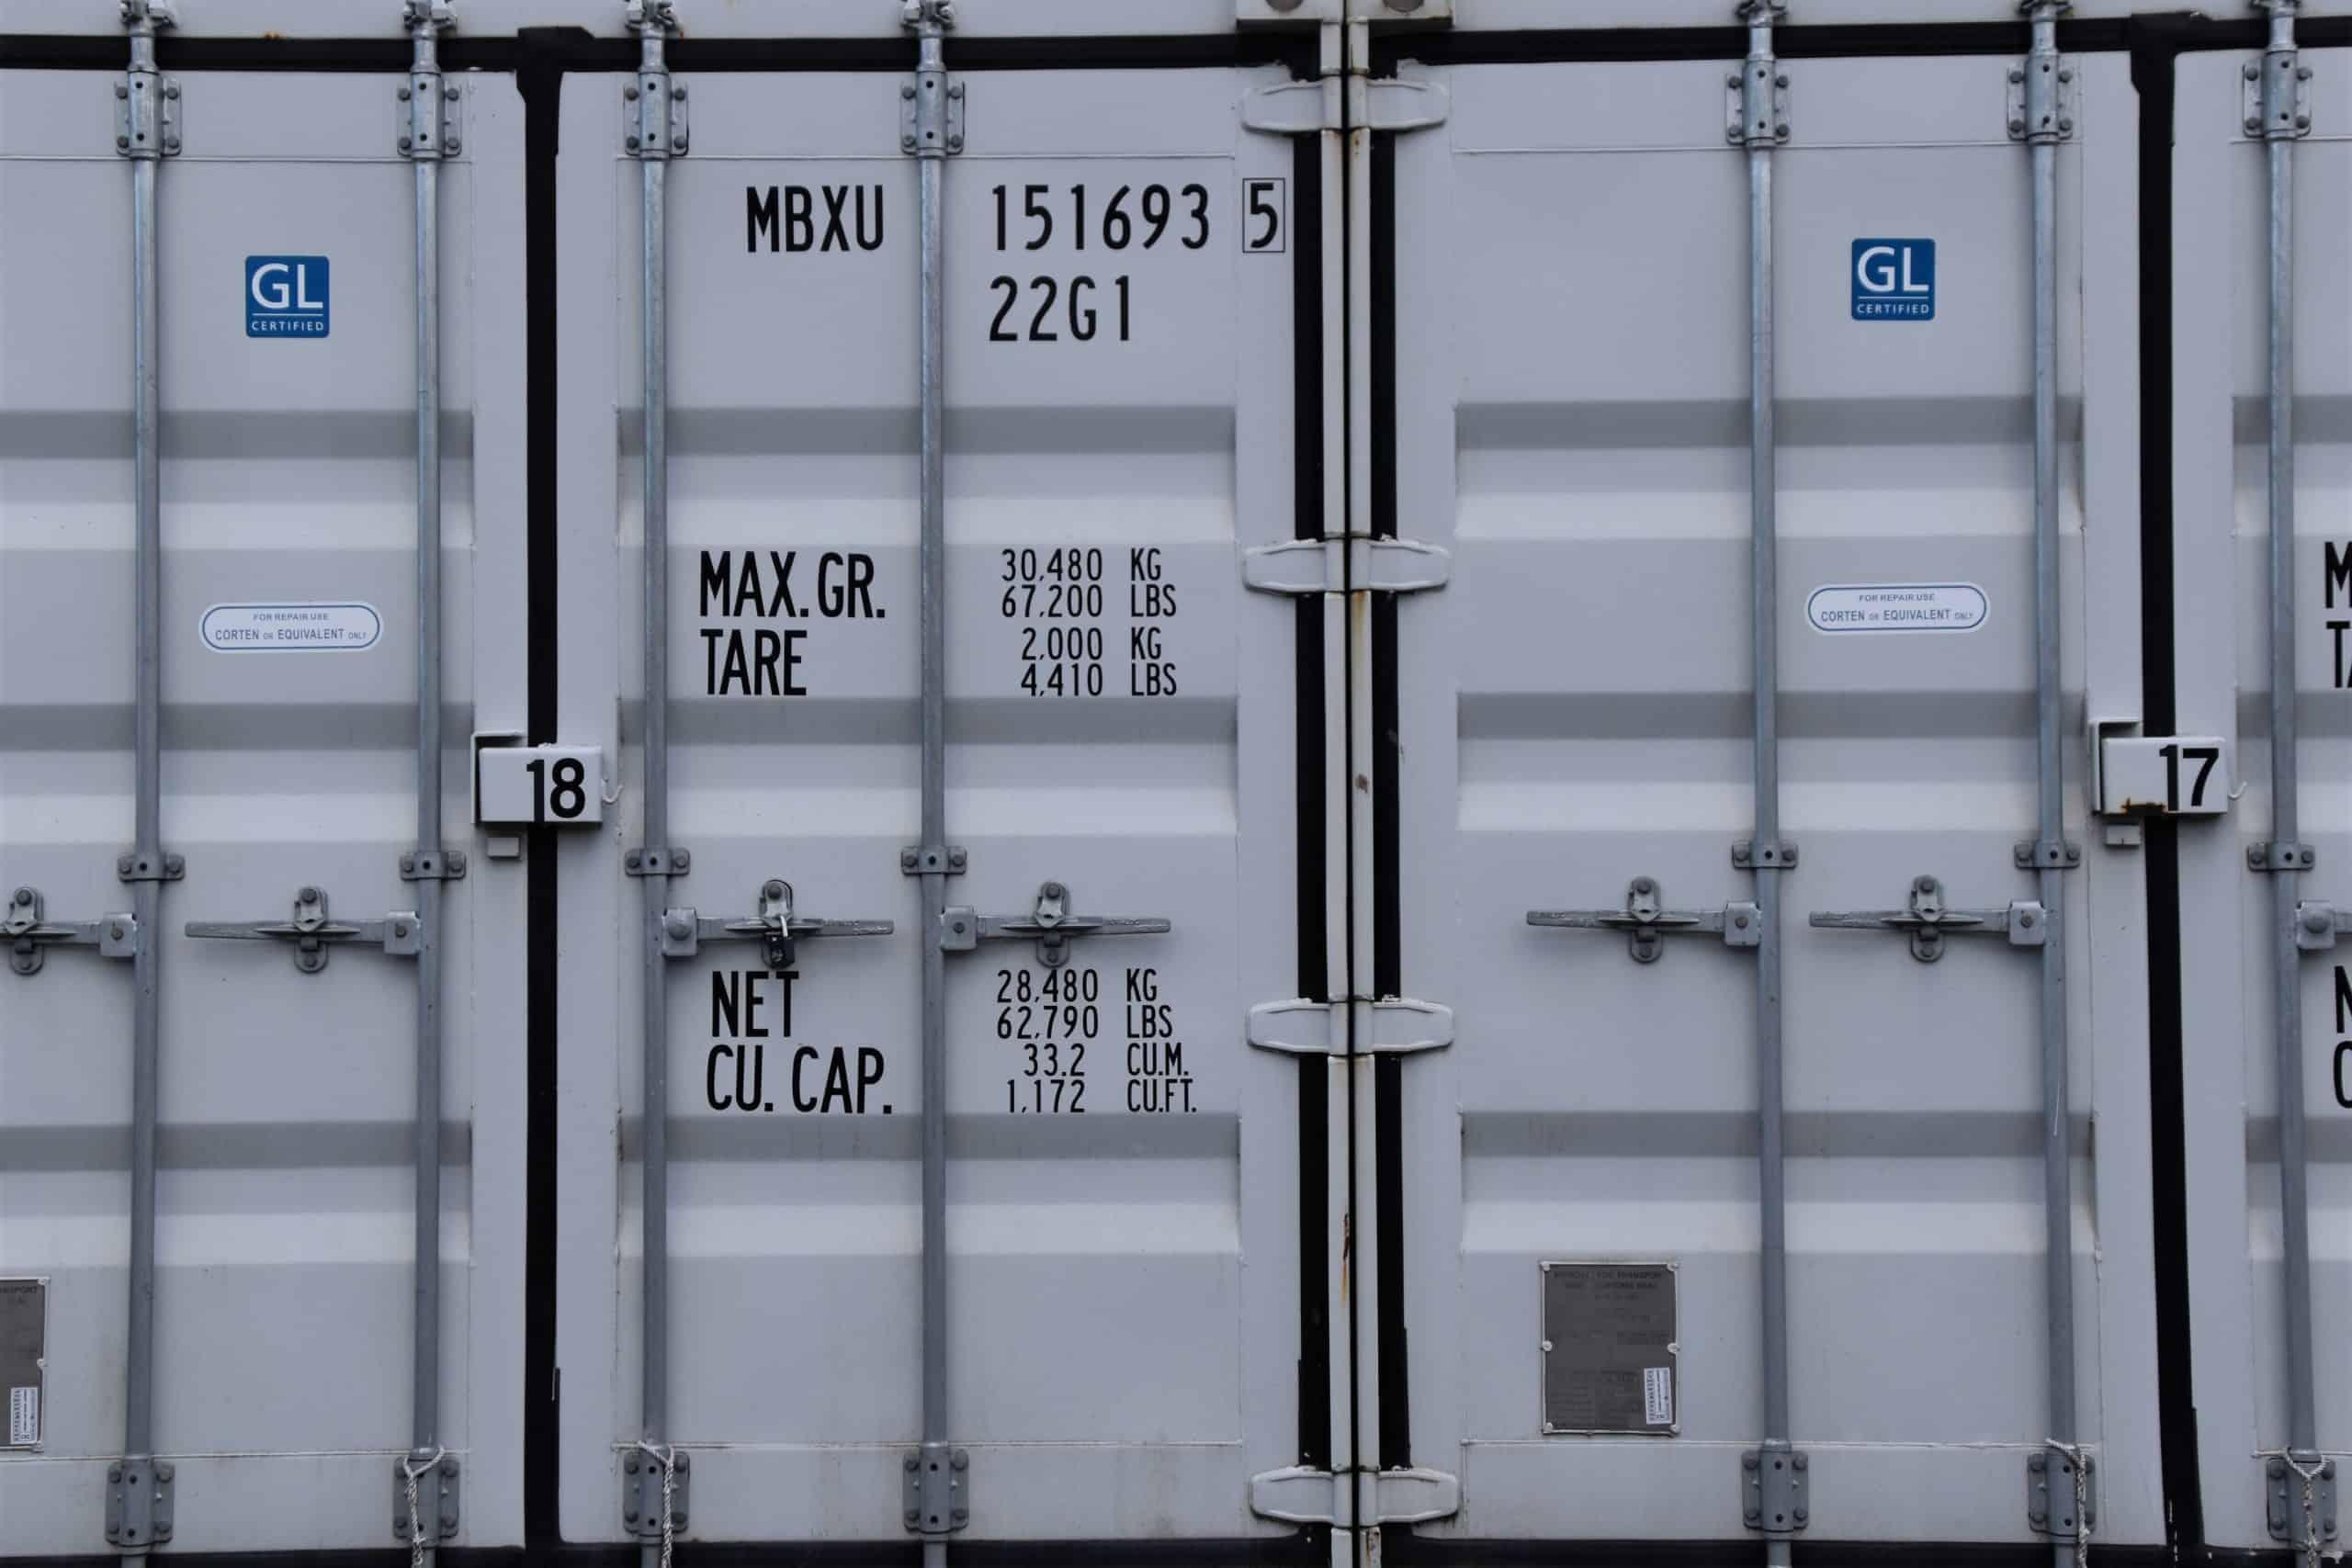 Liste von 3 Logistikimmobilieninvestoren aus Nordeuropa